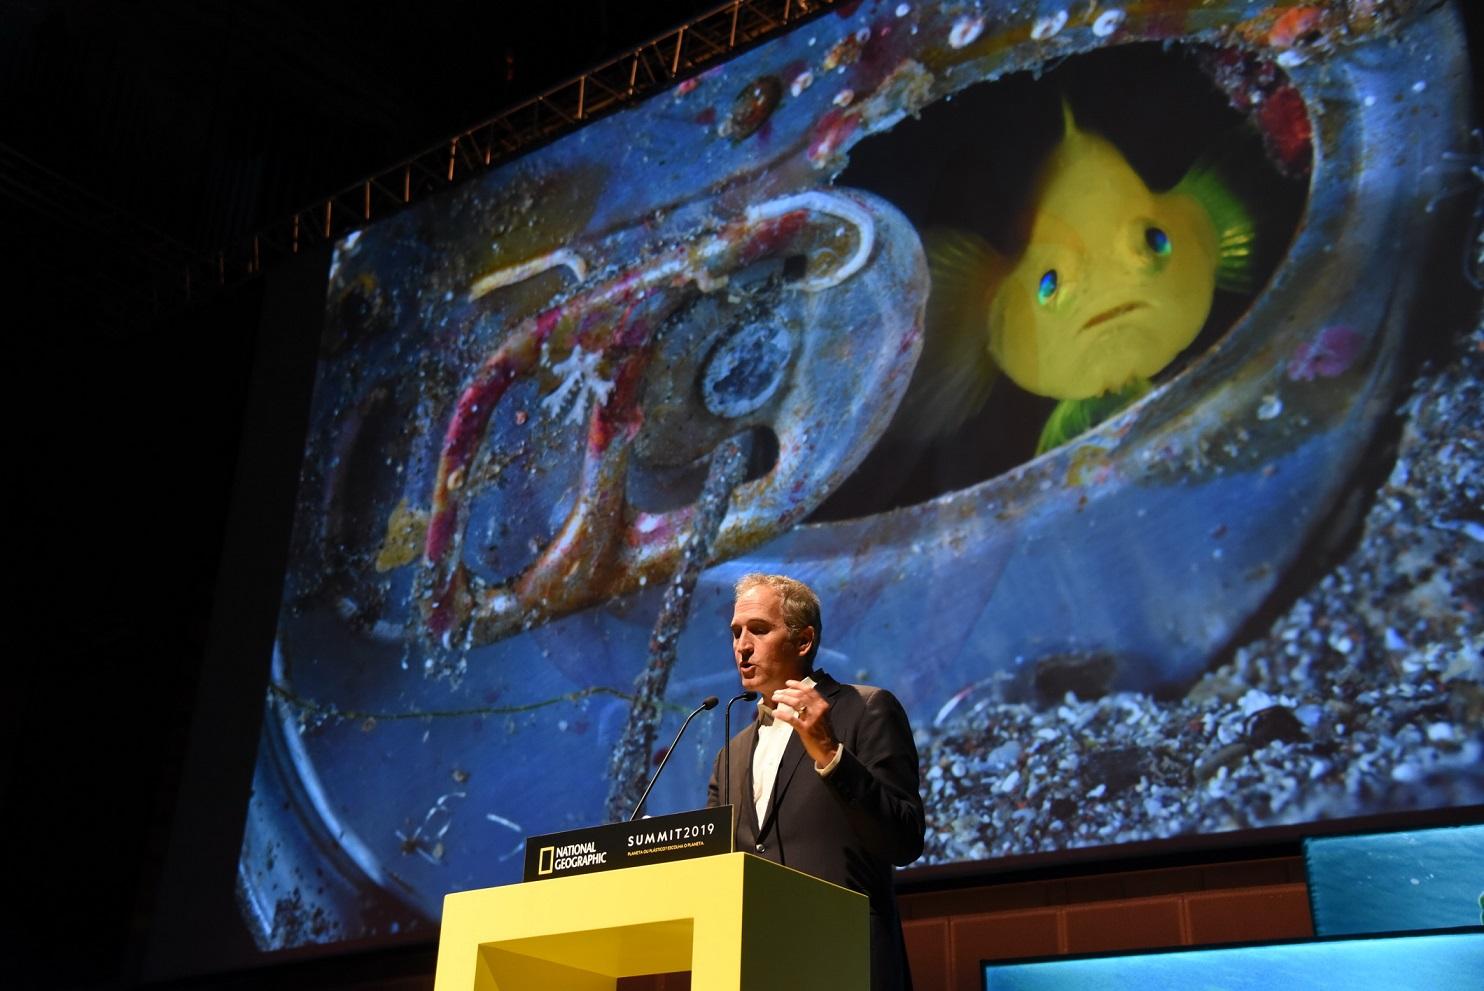 O fotógrafo Brian Skerry fala sobre o que tem visto em 20 anos de trabalho no fundo dos oceanos. Foto Divulgação